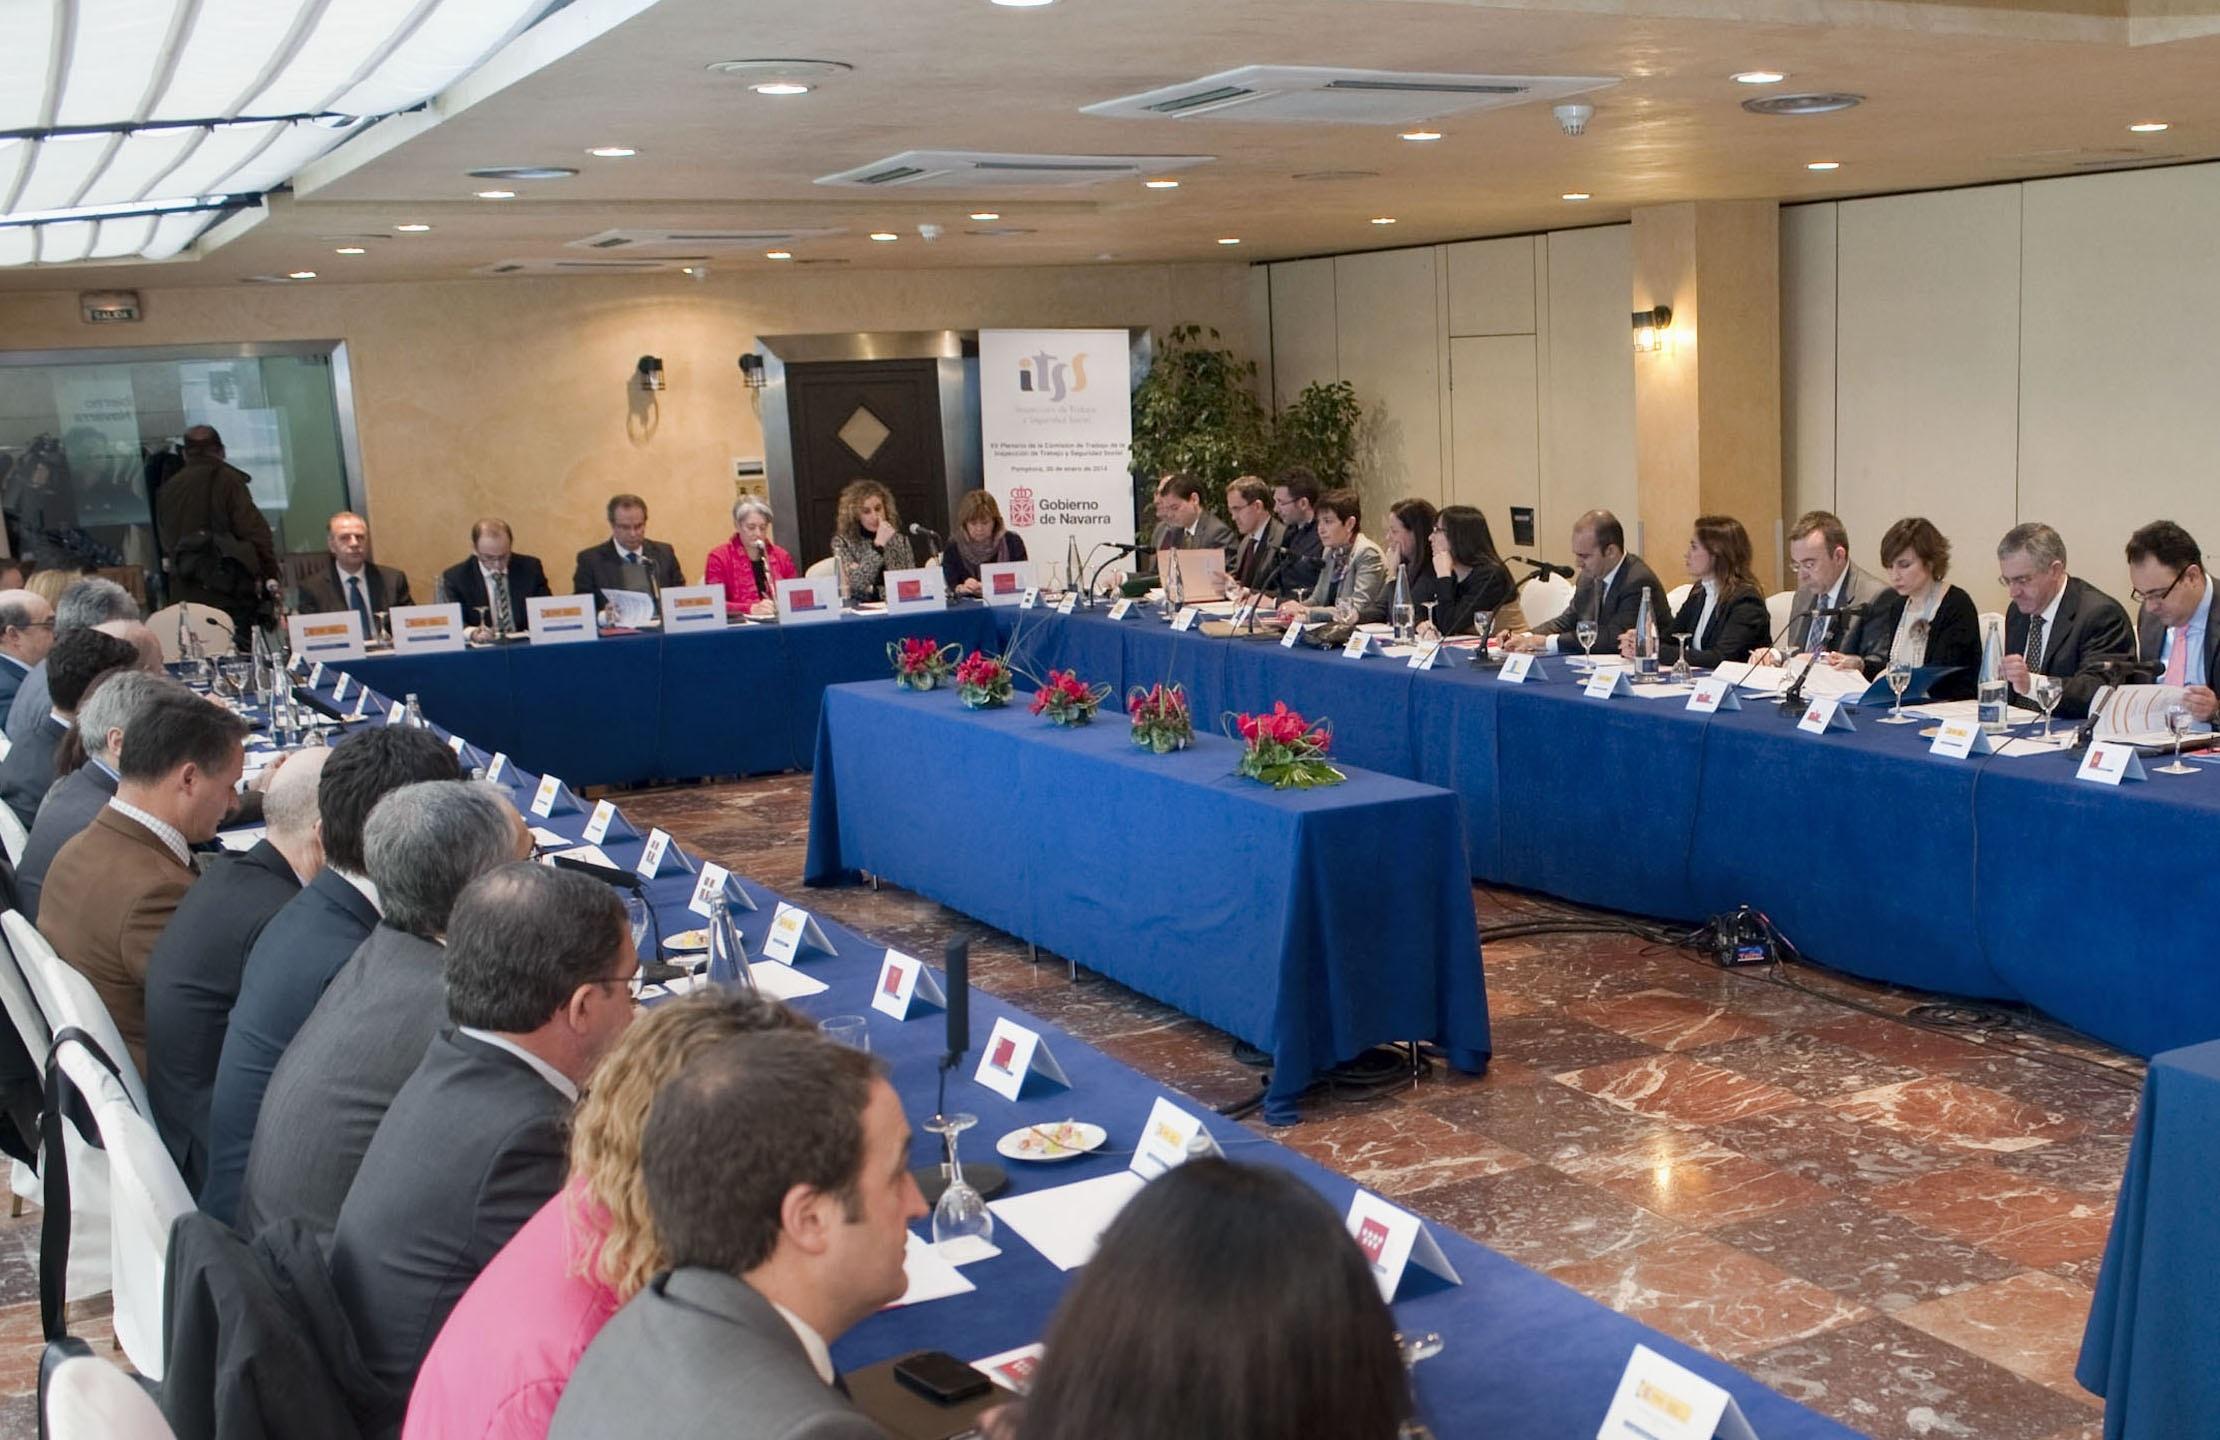 Goicoechea insta a la unidad de la Administración y entidades sociales frente al fraude laboral